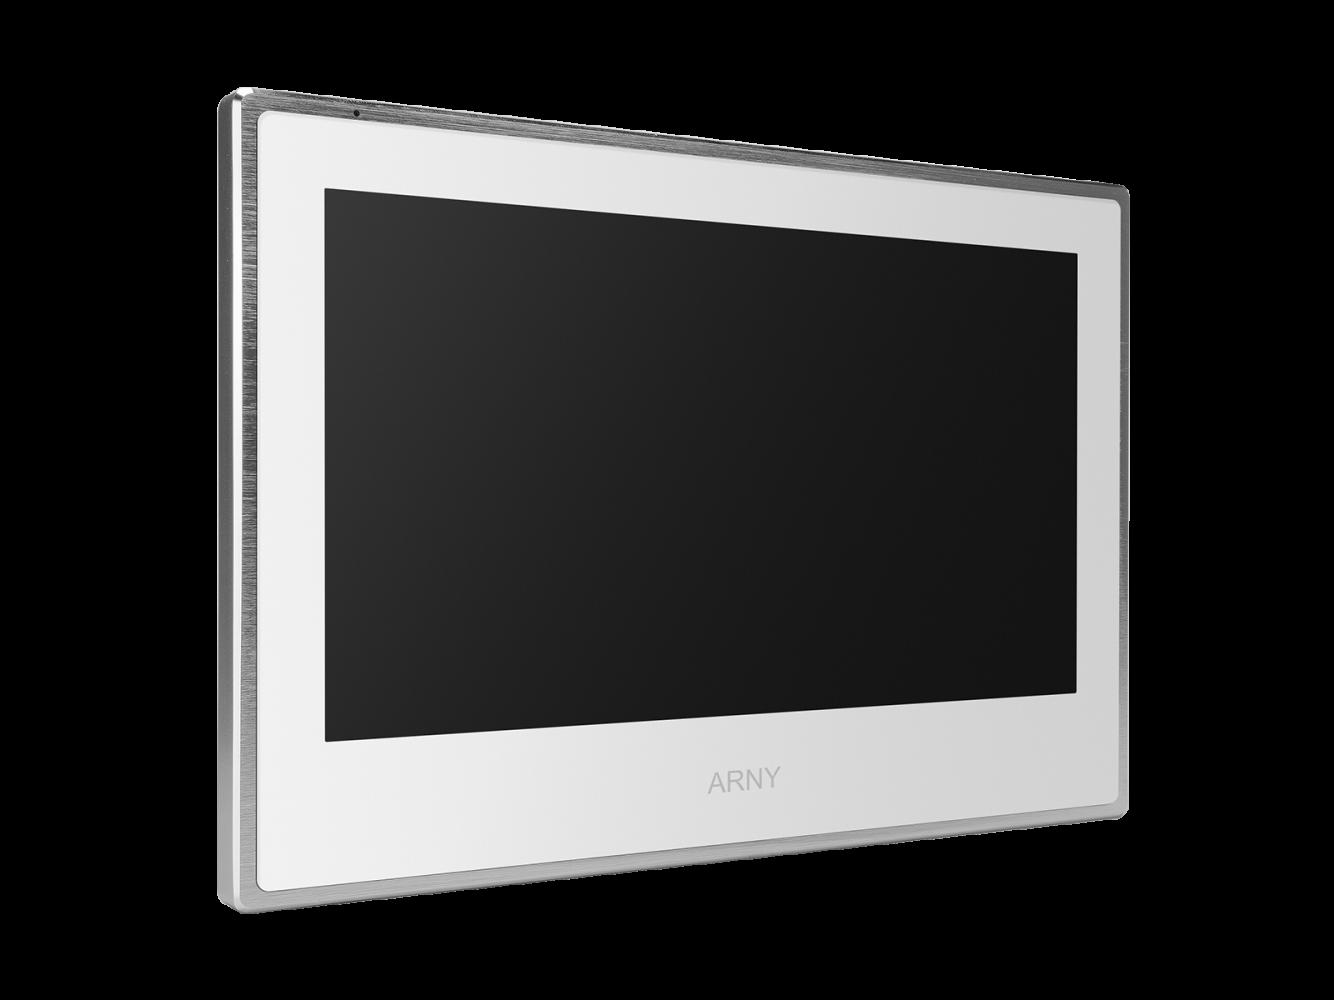 Arny AVD-750-AHD